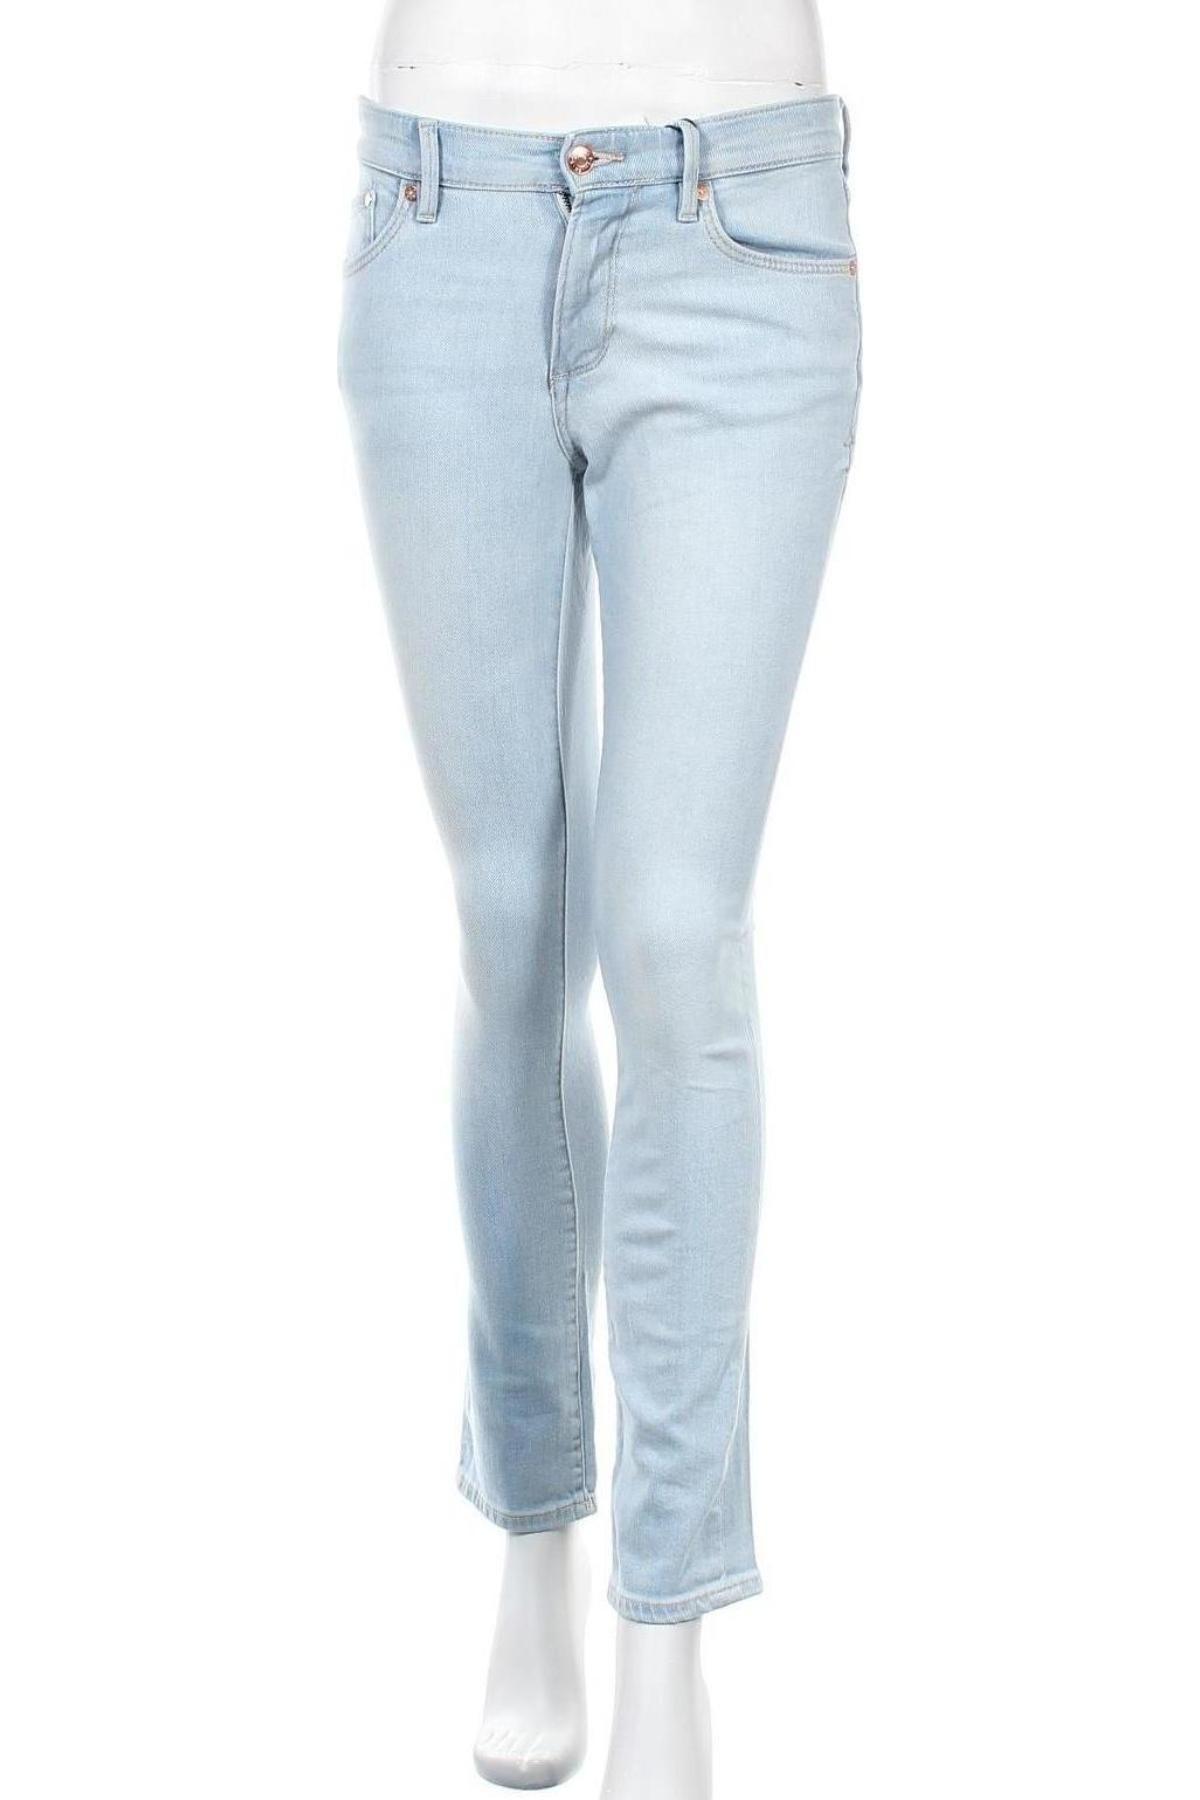 Дамски дънки S.Oliver, Размер S, Цвят Син, 99% памук, 1% еластан, Цена 21,50лв.